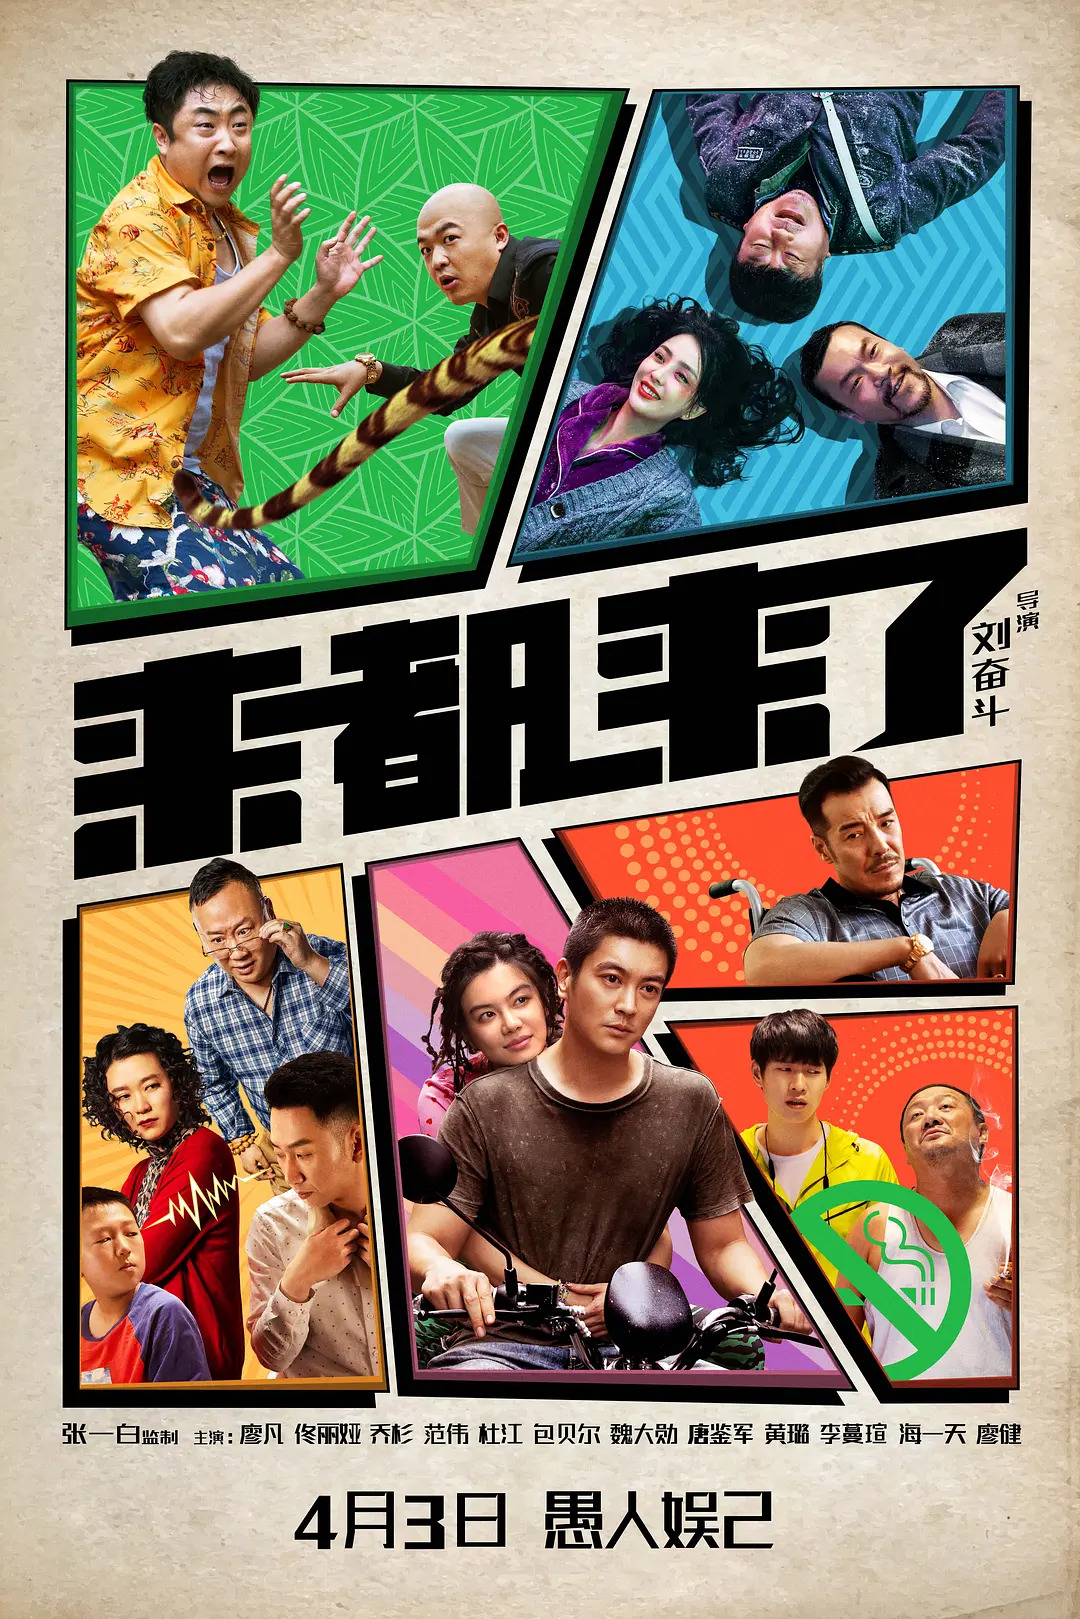 【电影预告】来都来了 2021-04-03 中国大陆上映